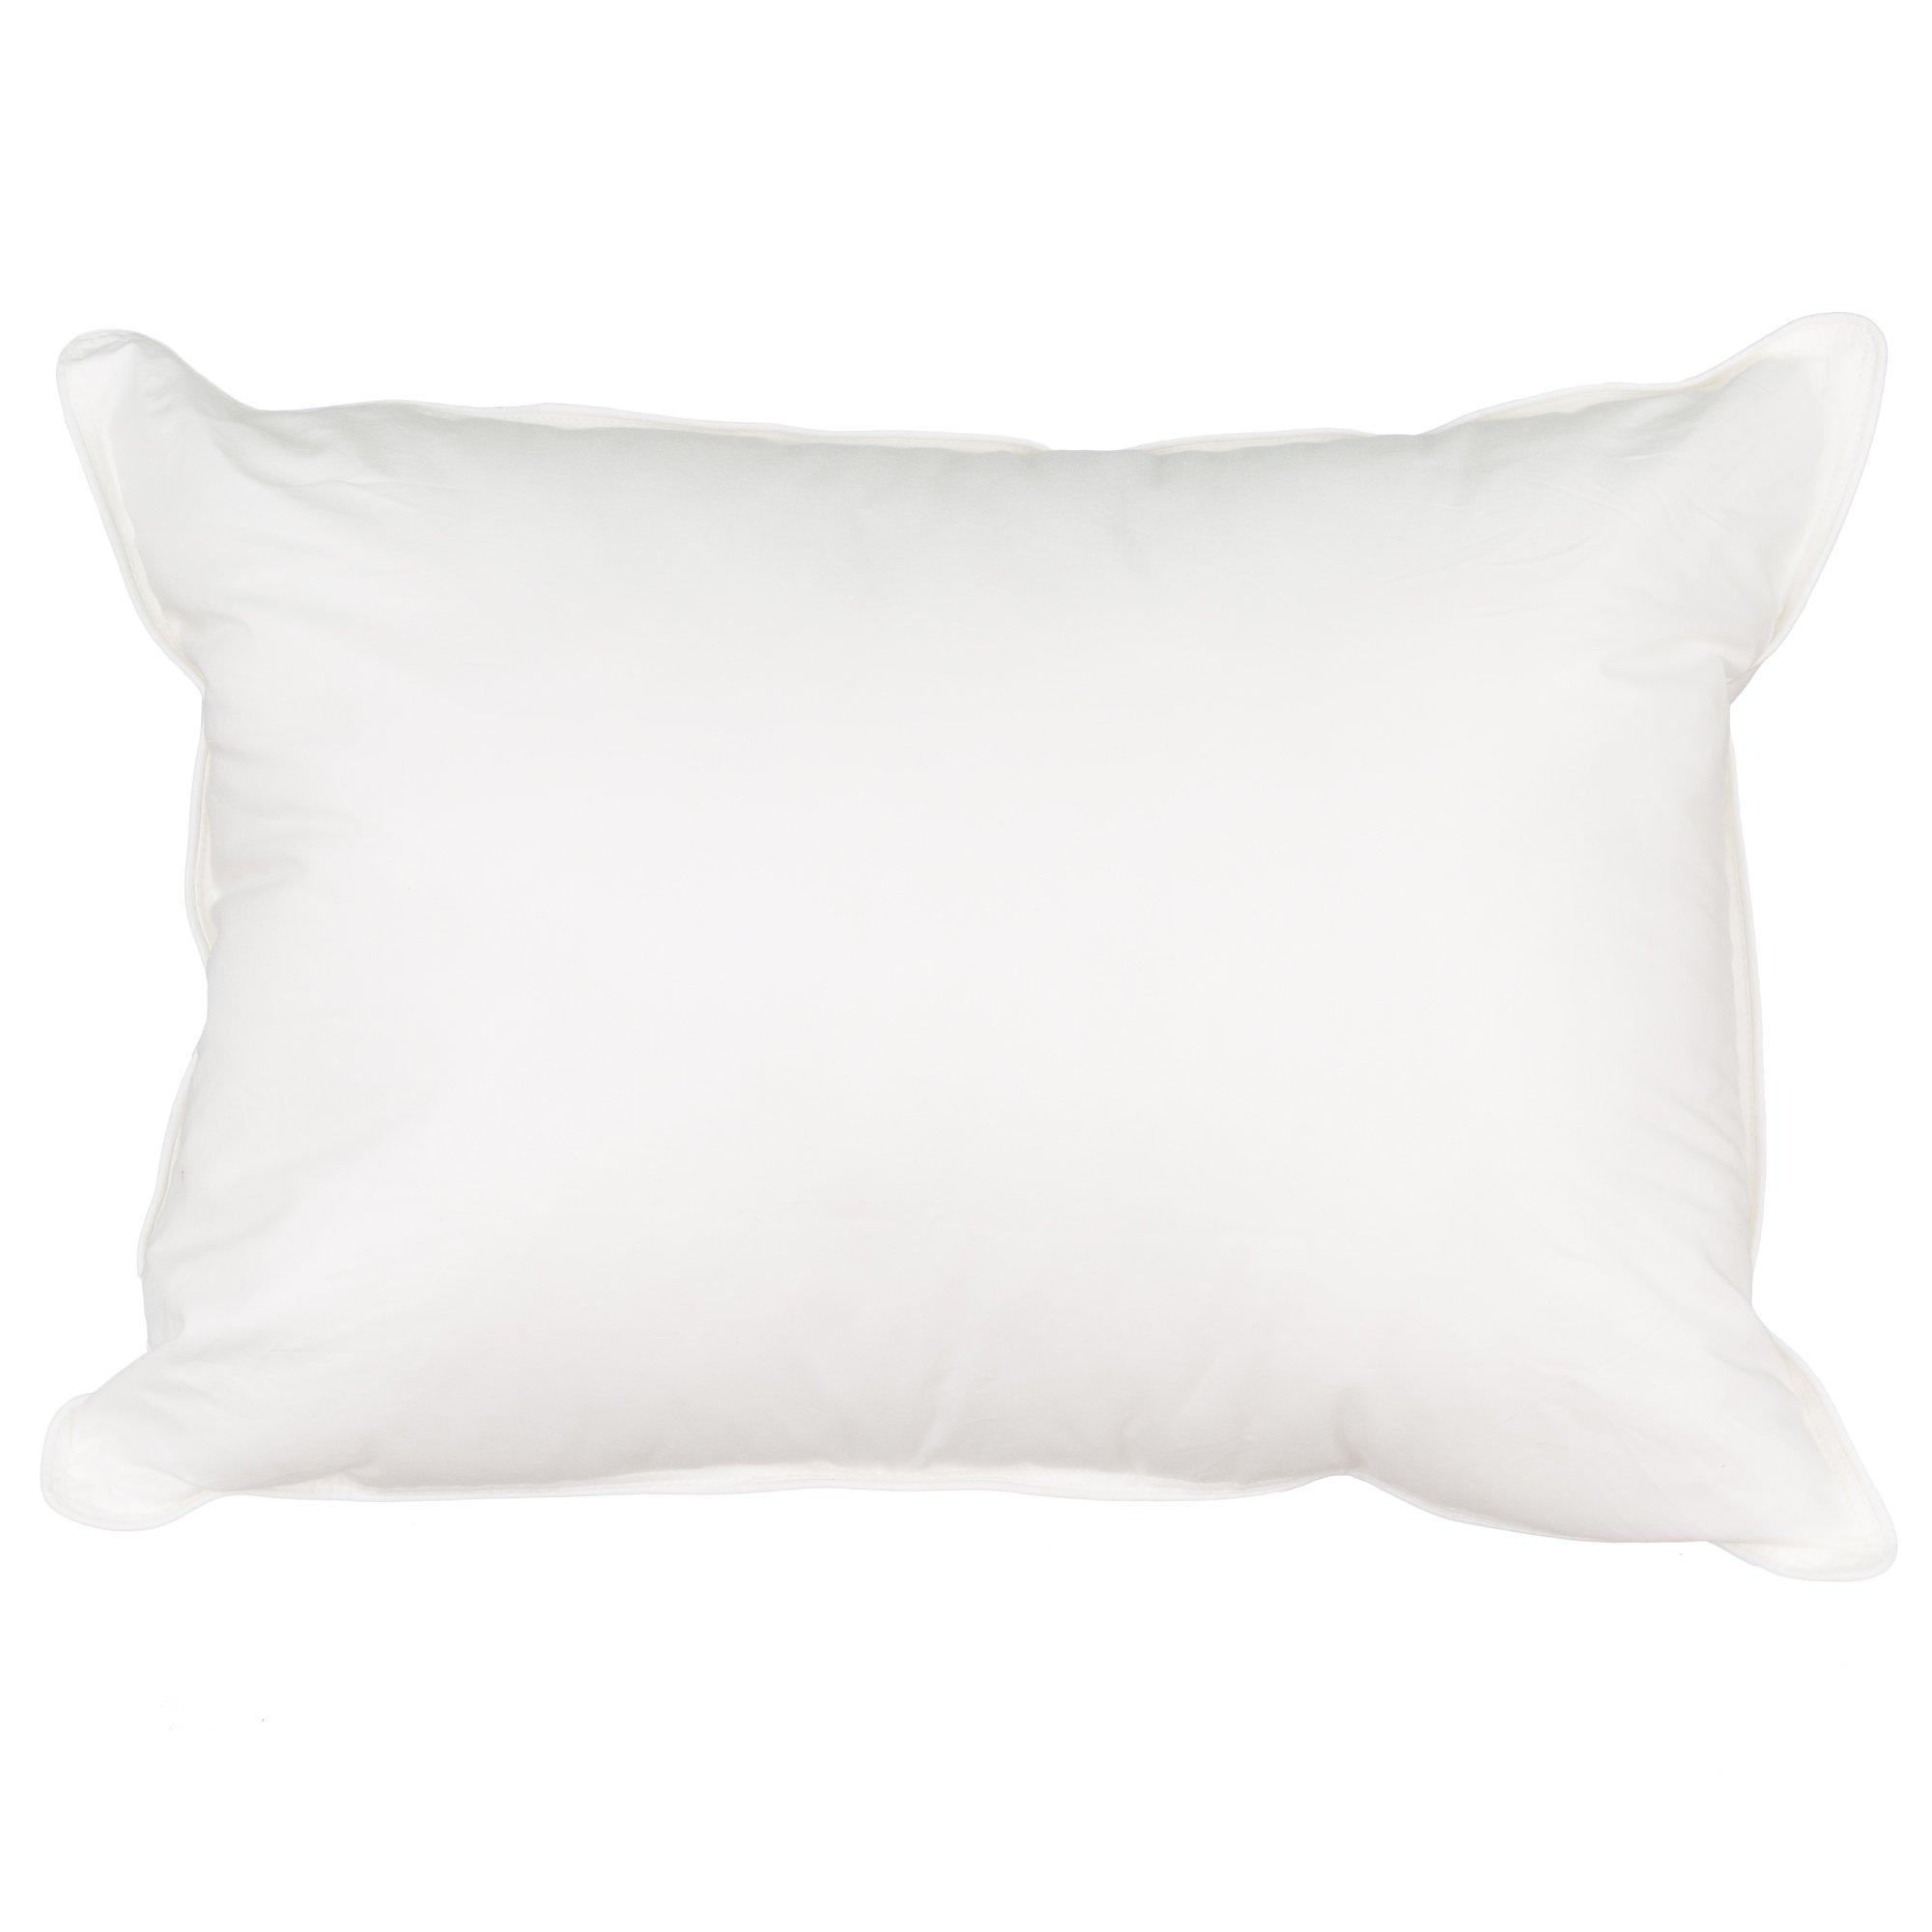 Downright Deco-1317-Inno Down Alternative Pillow, 13'' x 17'', White